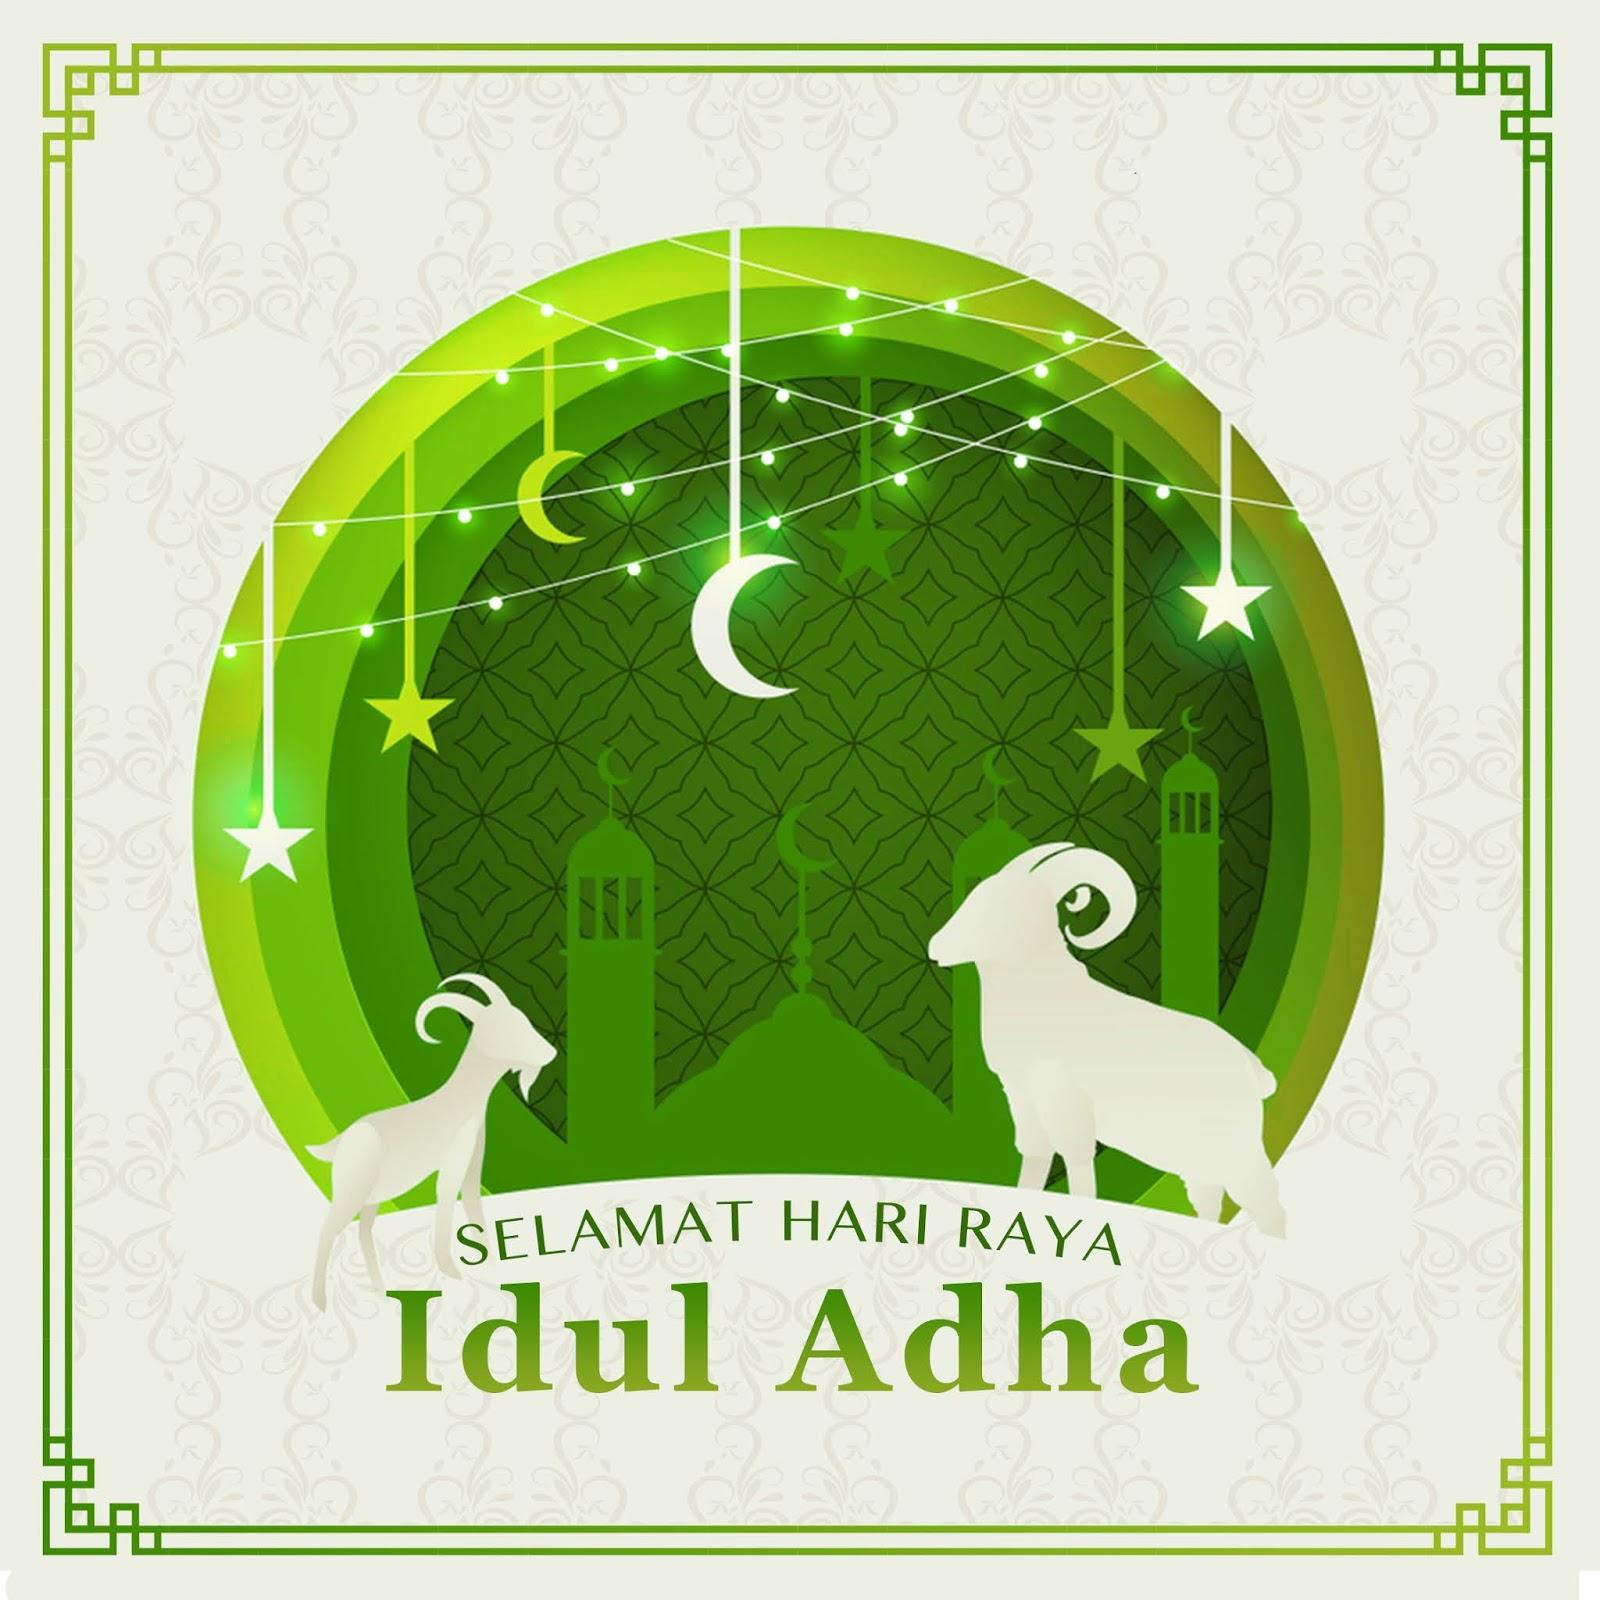 Gambar ucapan selamat hari raya idul adha terbaru 2020 1441 Hijriah bisa diedit, untuk kirim whatsapp instagram facebook gratis